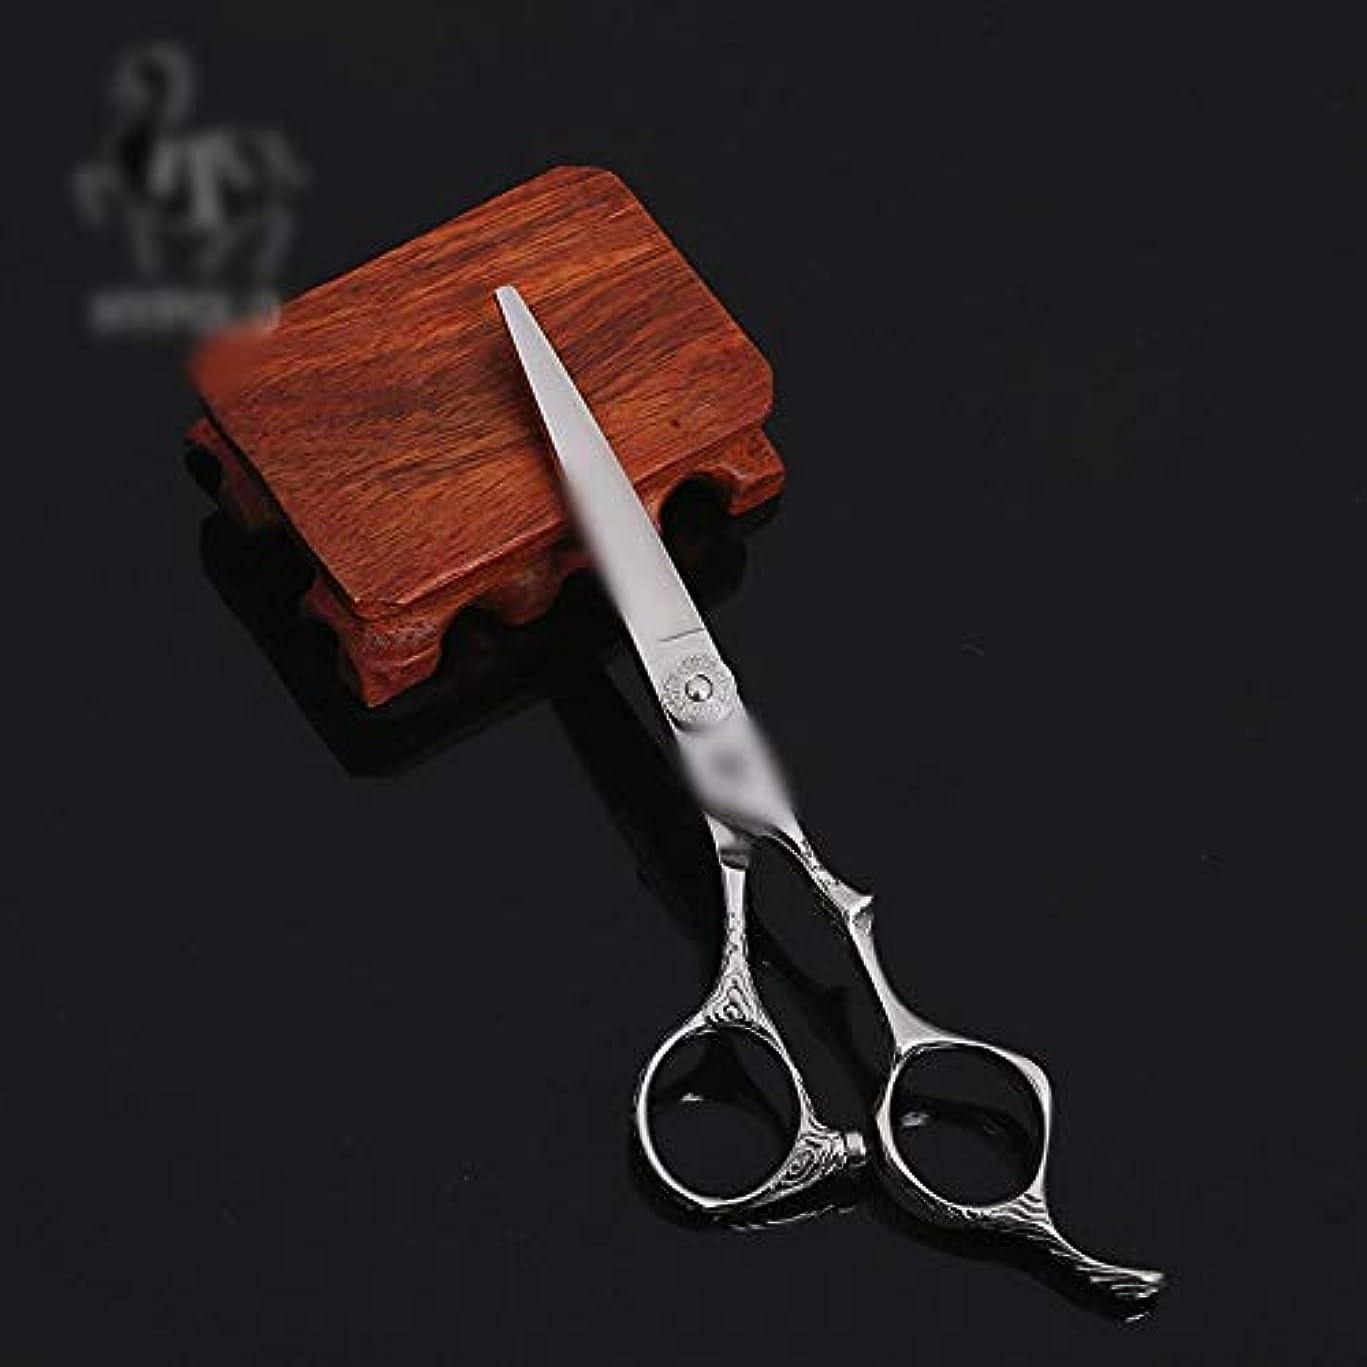 悲鳴浸透する篭WASAIO ヘアカットのはさみはさみプロフェッショナルステンレス理容セットの理髪間伐テクスチャーサロン美容ツール無条件6インチ (色 : Silver)